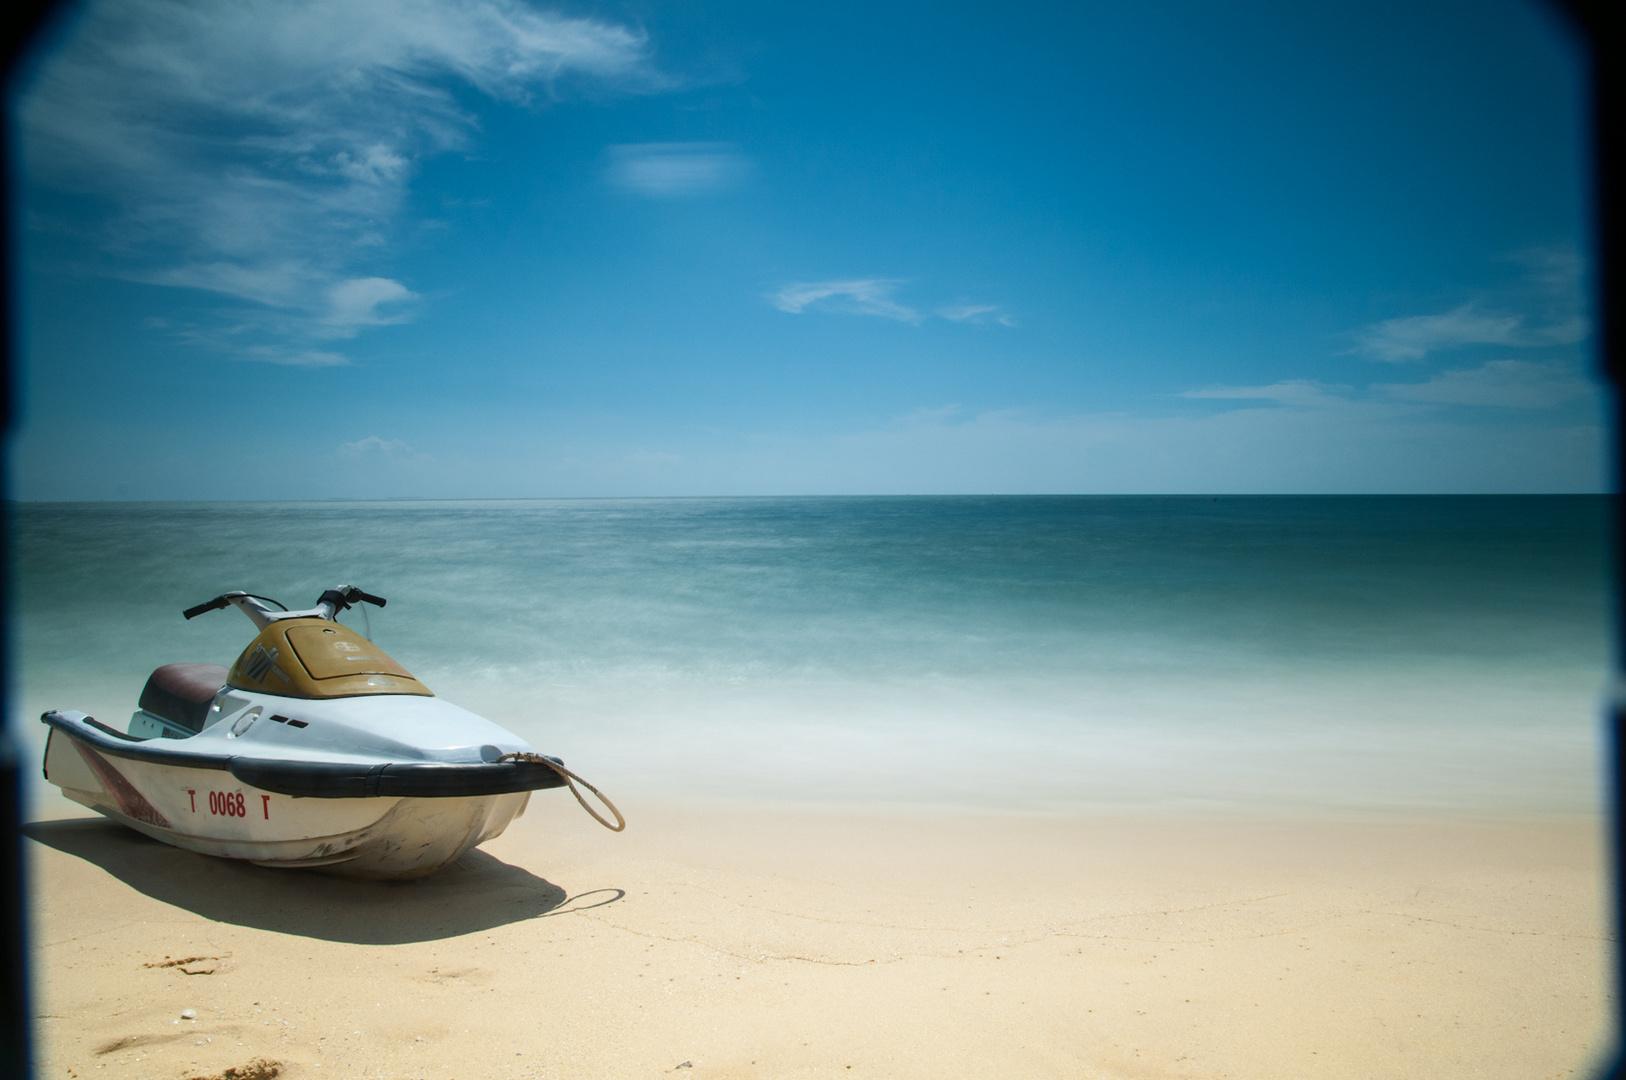 jetski foto bild landschaft meer strand meer. Black Bedroom Furniture Sets. Home Design Ideas